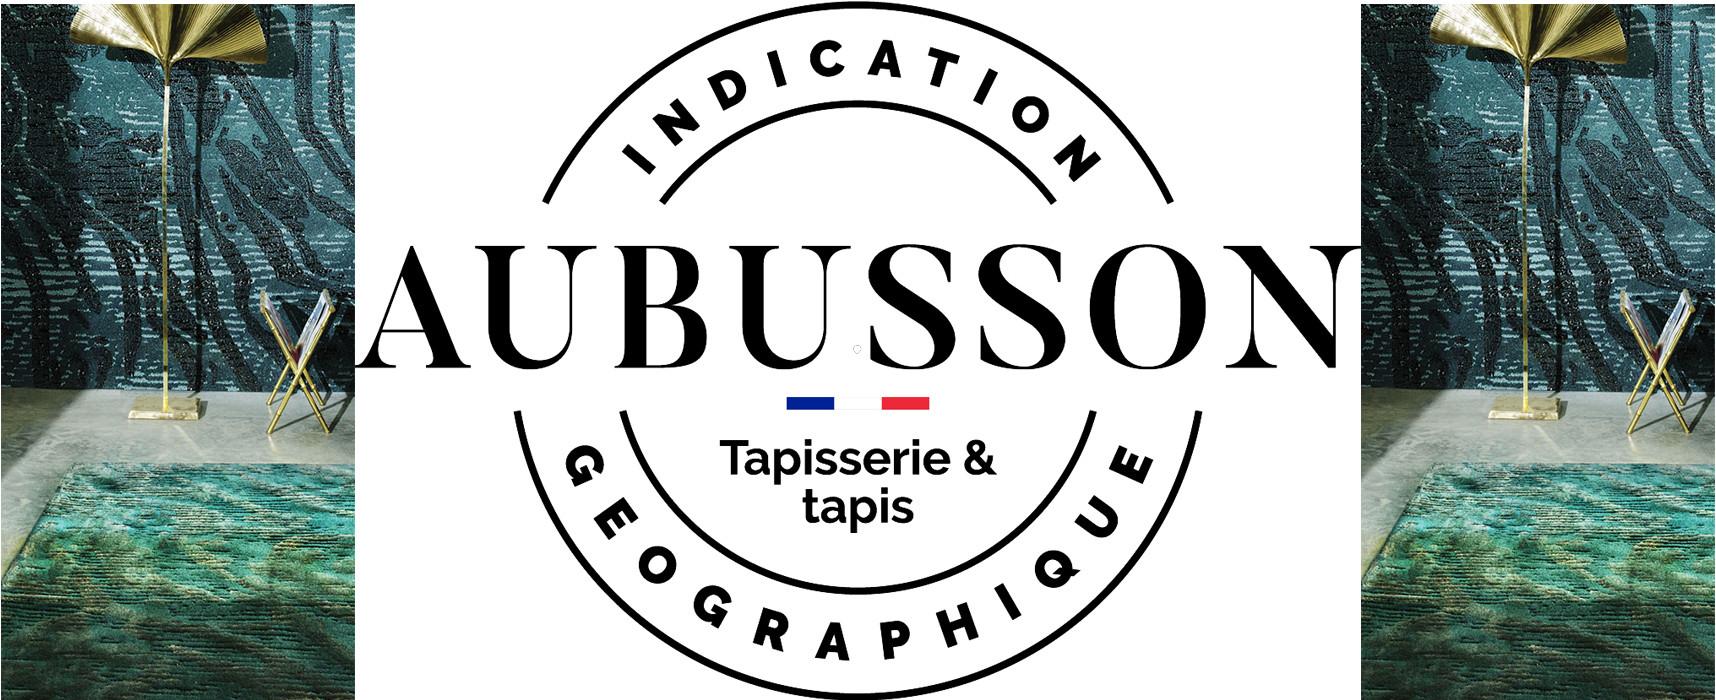 Tapisserie d'Aubusson et tapis d'Aubusson, une double homologation des Indications géographiques, officielle depuis ce matin